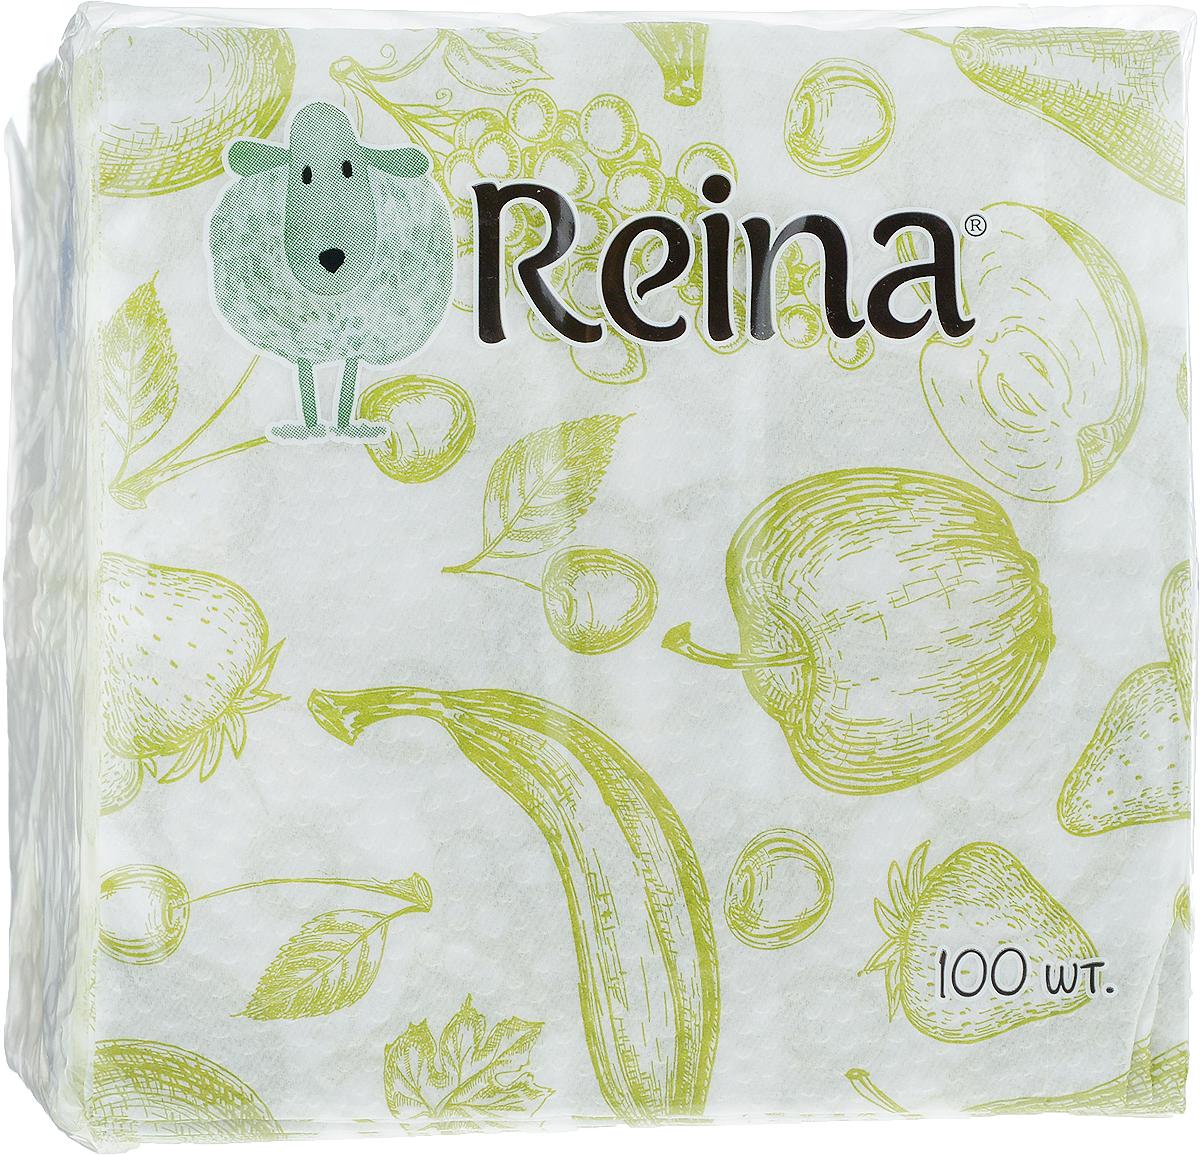 Салфетки бумажные Reina, однослойные, цвет: оливковый, белый, 24 х 24 см, 100 штPUL-000220кк_оливковый, белый, фруктыСалфетки бумажные Reina, выполненные из натуральной целлюлозы, станут отличным дополнением любого праздничного стола. Они отличаются необычной мягкостью и оригинальностью.Размер салфетки: 24 х 24 см.Количество слоев: 1.